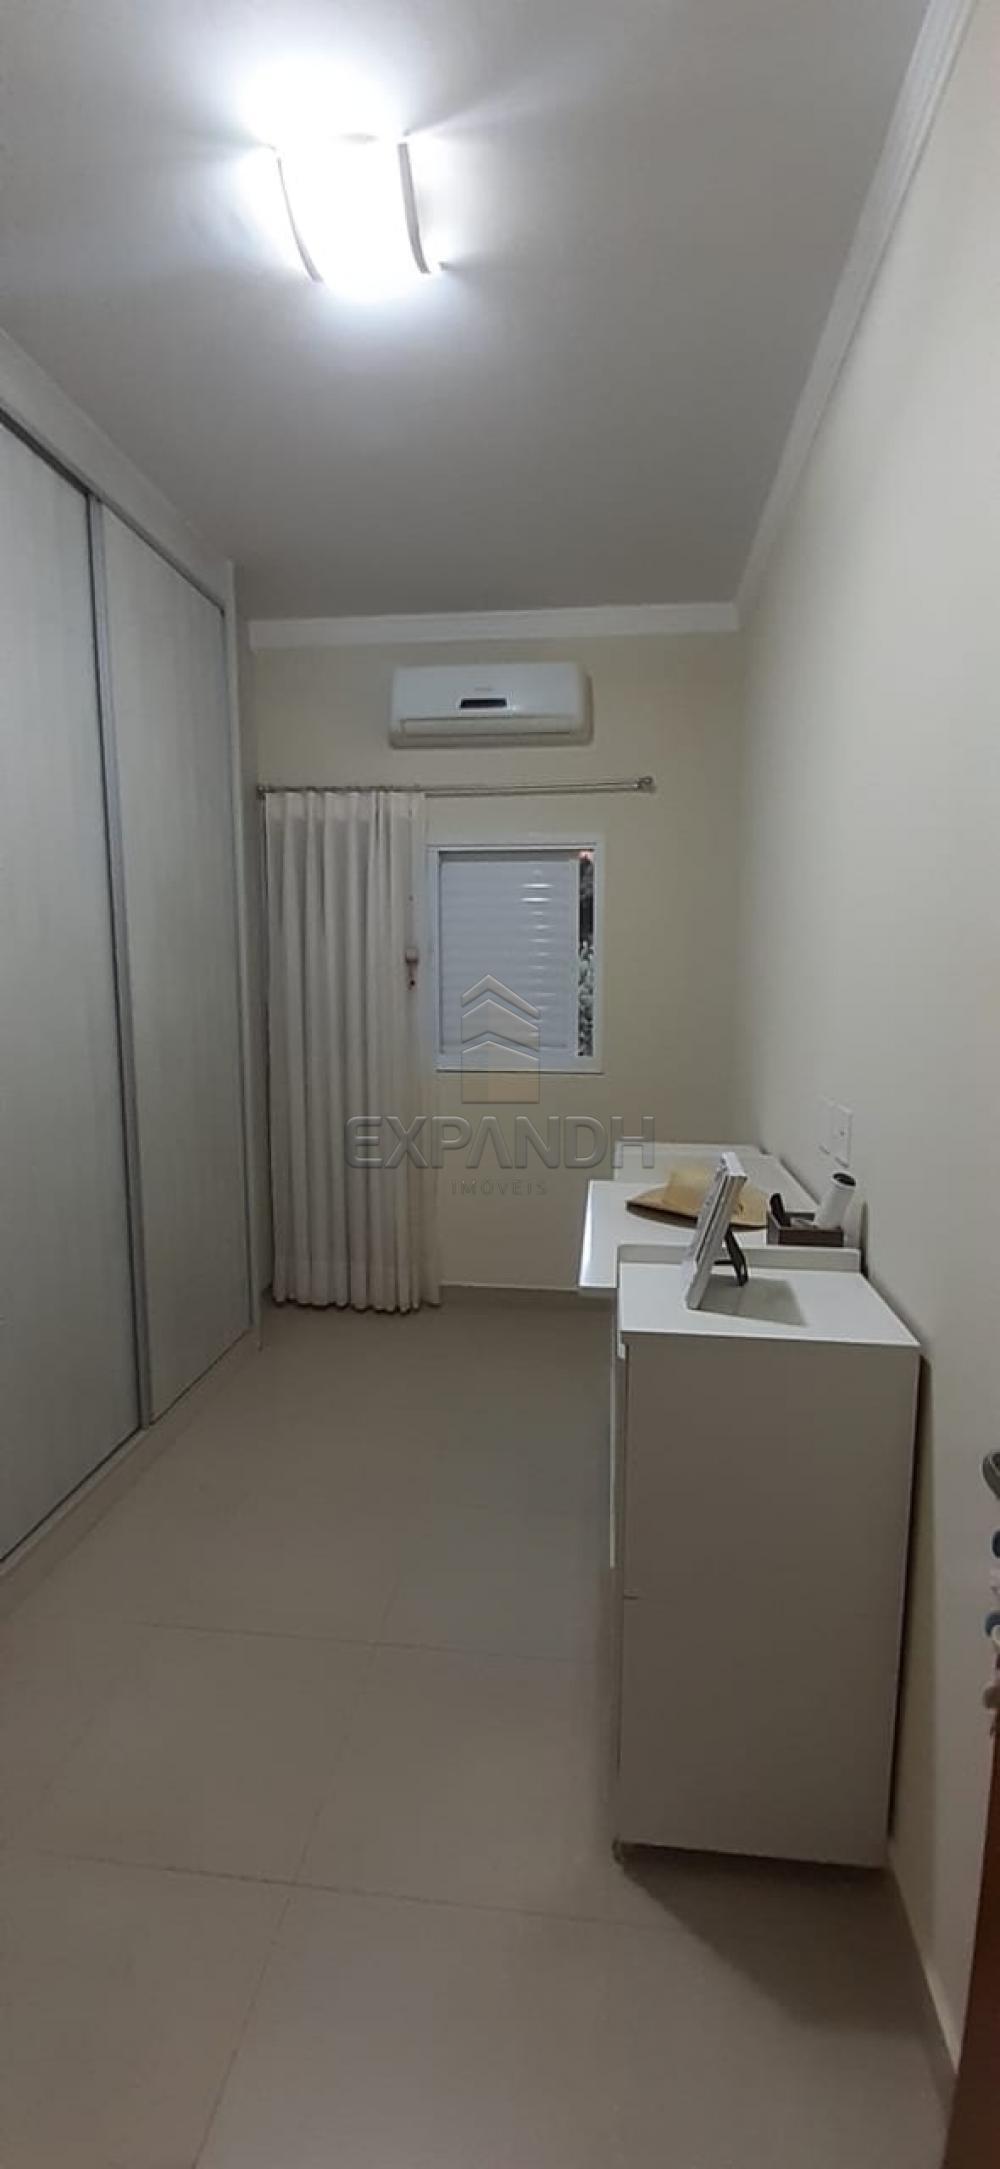 Alugar Apartamentos / Padrão em Sertãozinho apenas R$ 990,00 - Foto 9